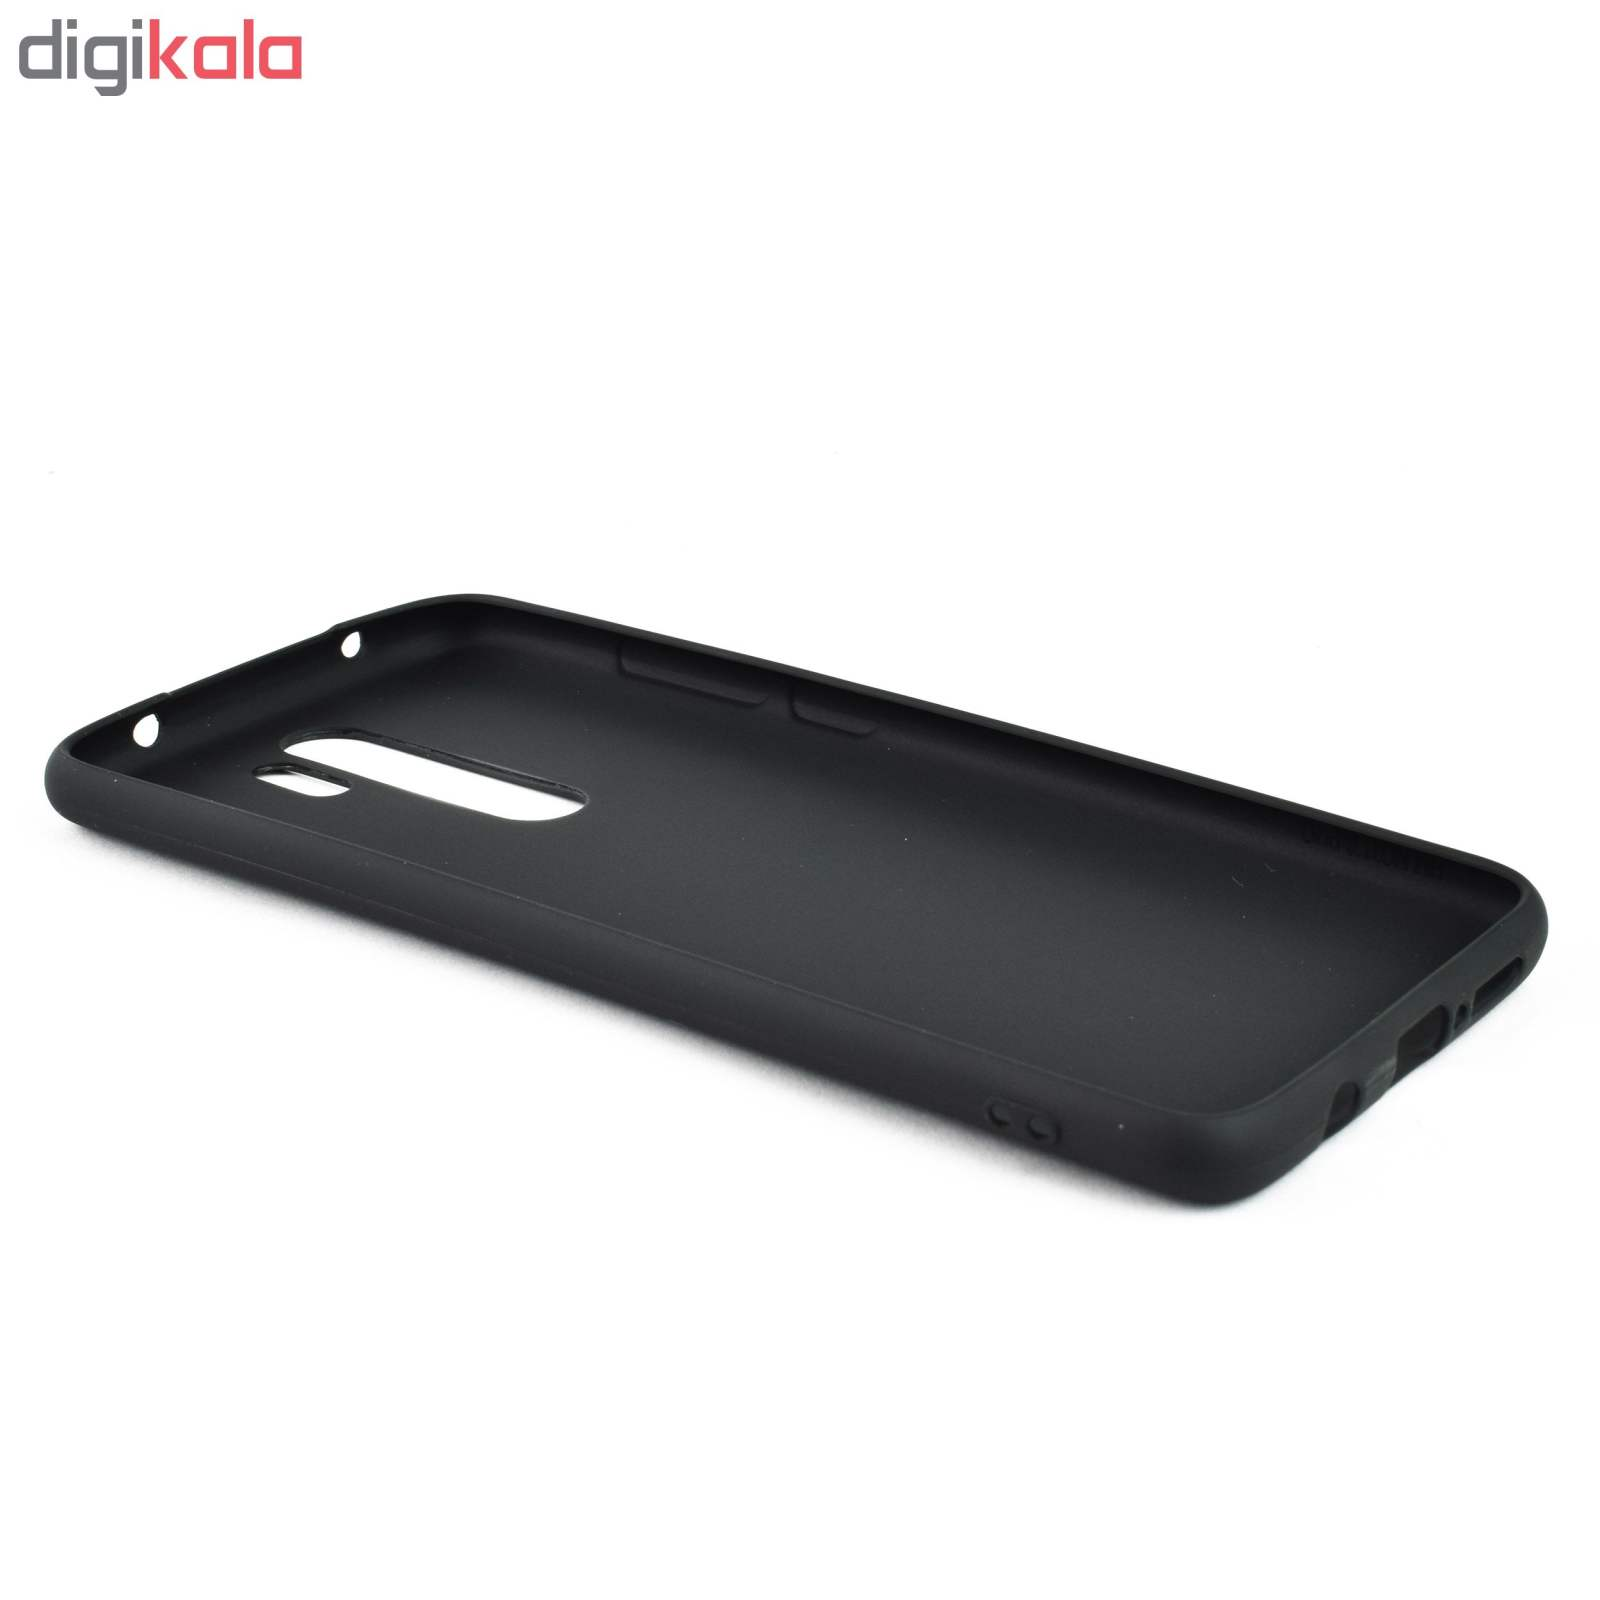 کاور مدل SC20 مناسب برای گوشی موبایل شیائومی Redmi Note 8 Pro  main 1 11